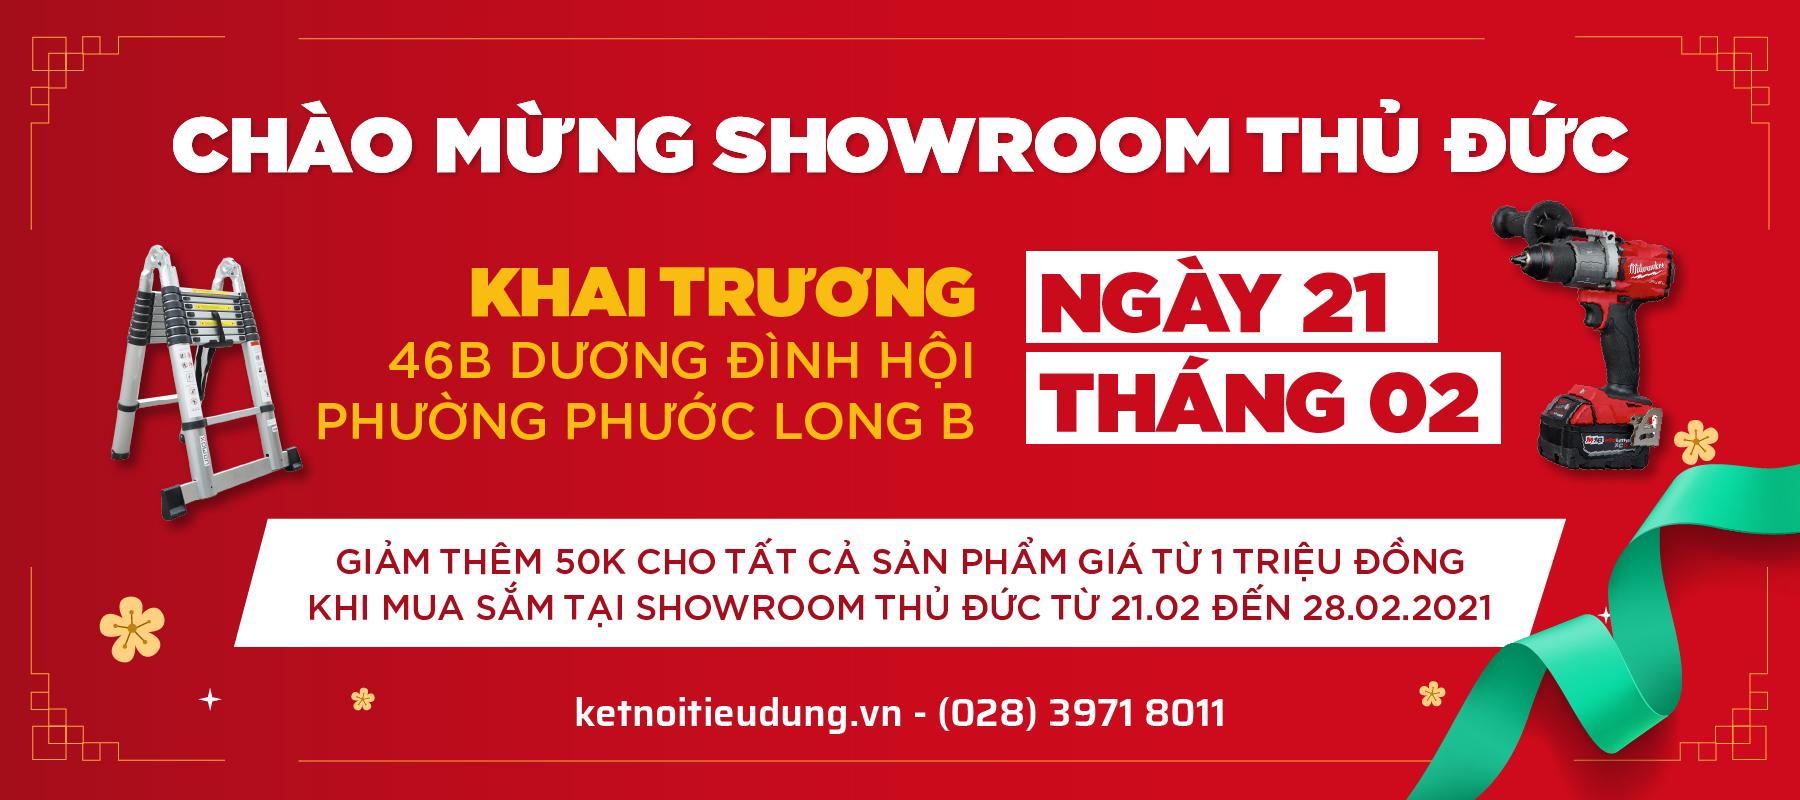 Chào Mừng Khai Trương Showroom Mới Tp. Thủ Đức - Giảm Thêm 50K Cho Sản Phẩm Từ 1 Triệu Đồng Khi Mua Tại Cửa Hàng Mới